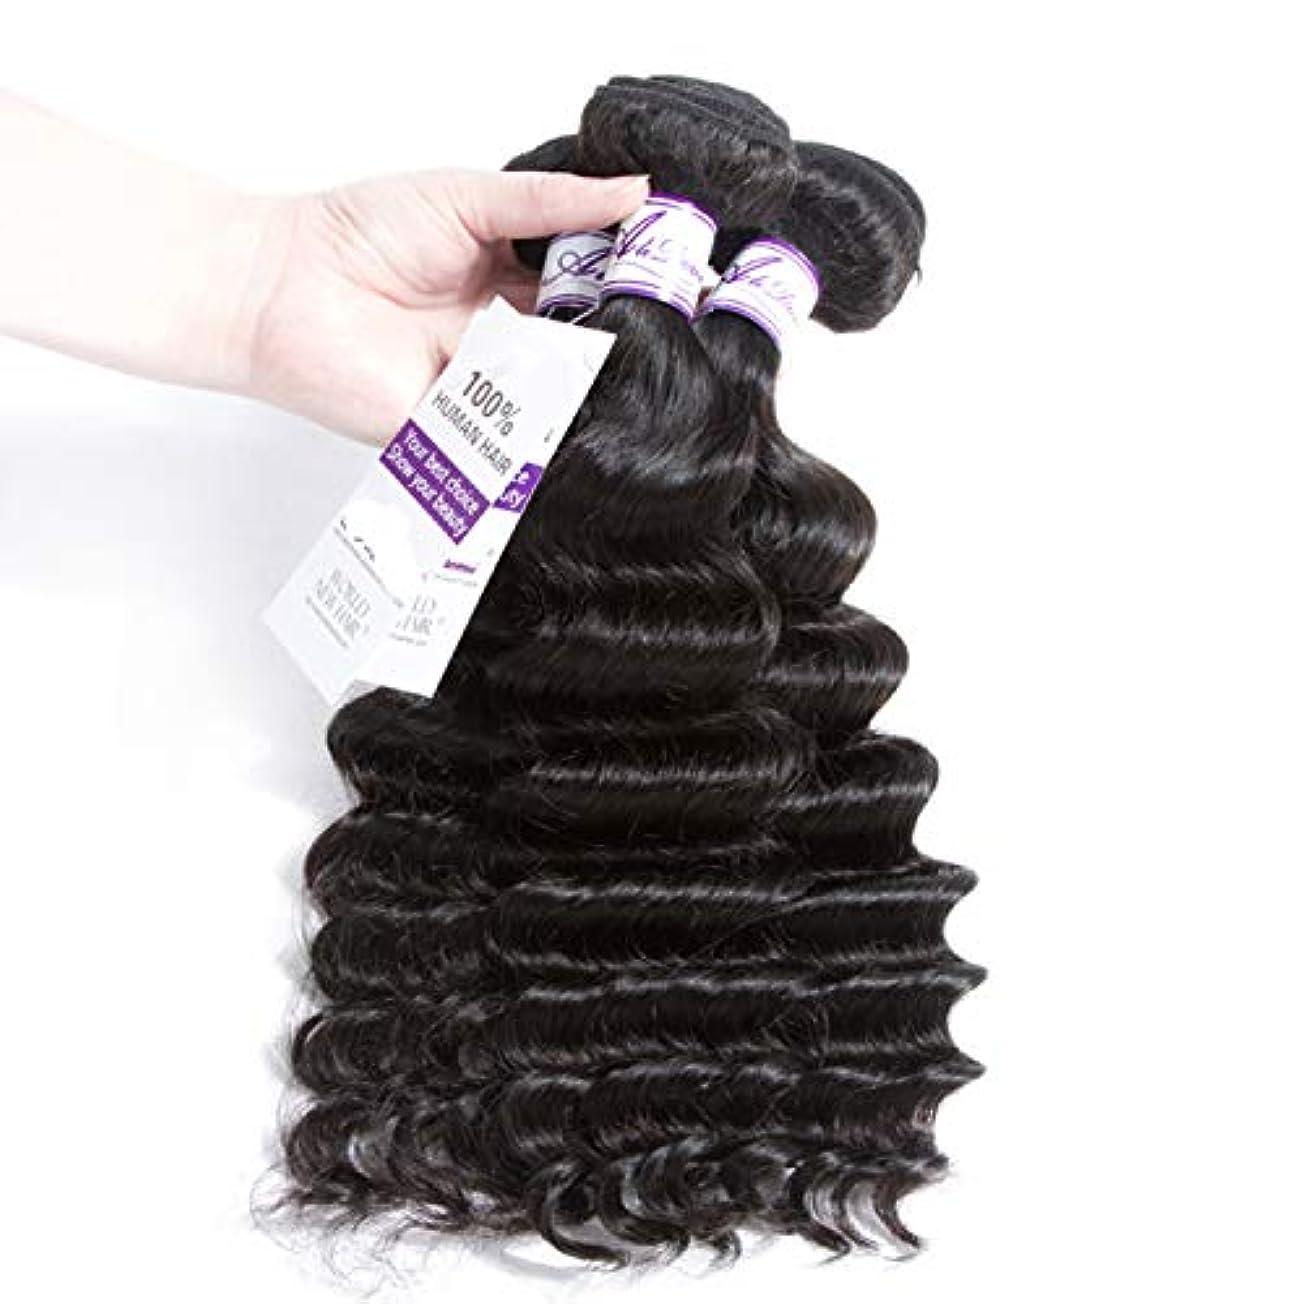 研磨剤定常靄ブラジルルースディープウェーブ3バンドルお得な非Remy人間の髪織りエクステンションナチュラルブラックヘアエクステンション3ピース (Length : 14 16 18)